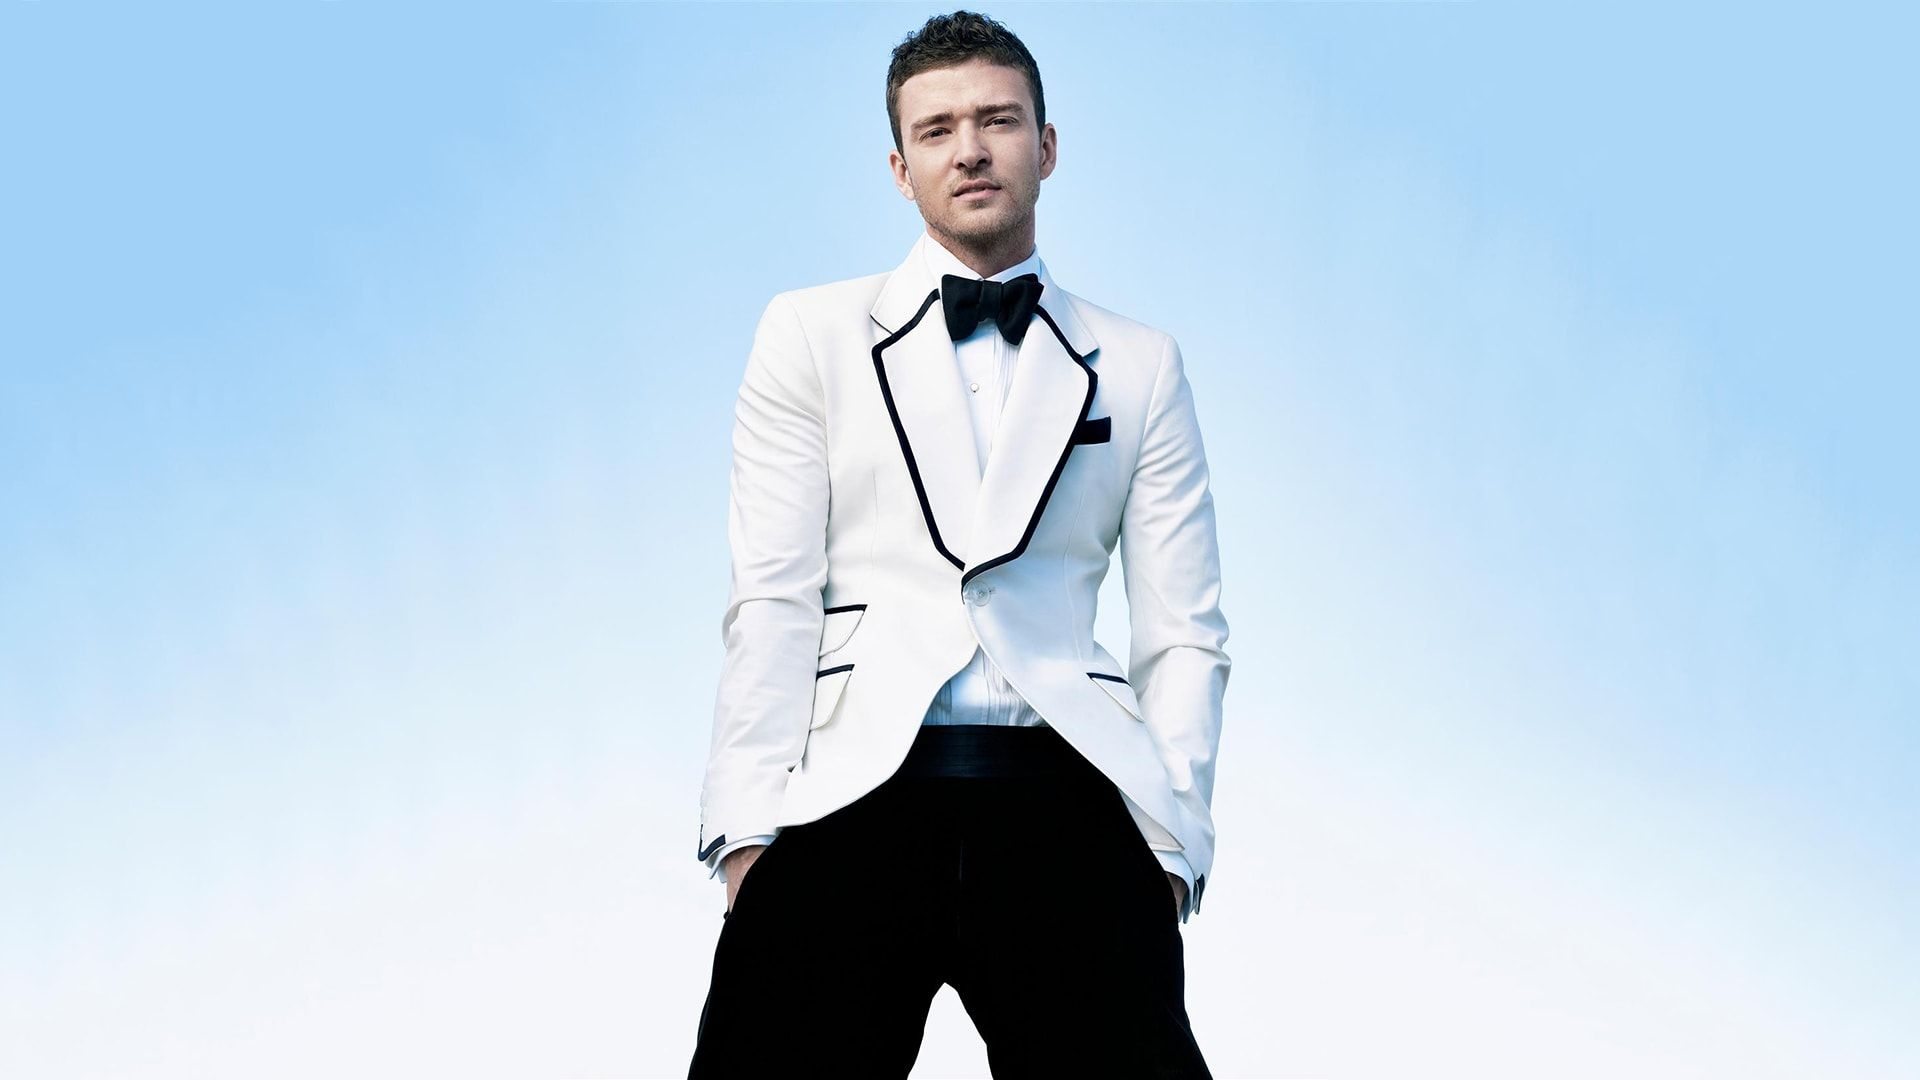 Justin Timberlake Wallpapers Top Free Justin Timberlake